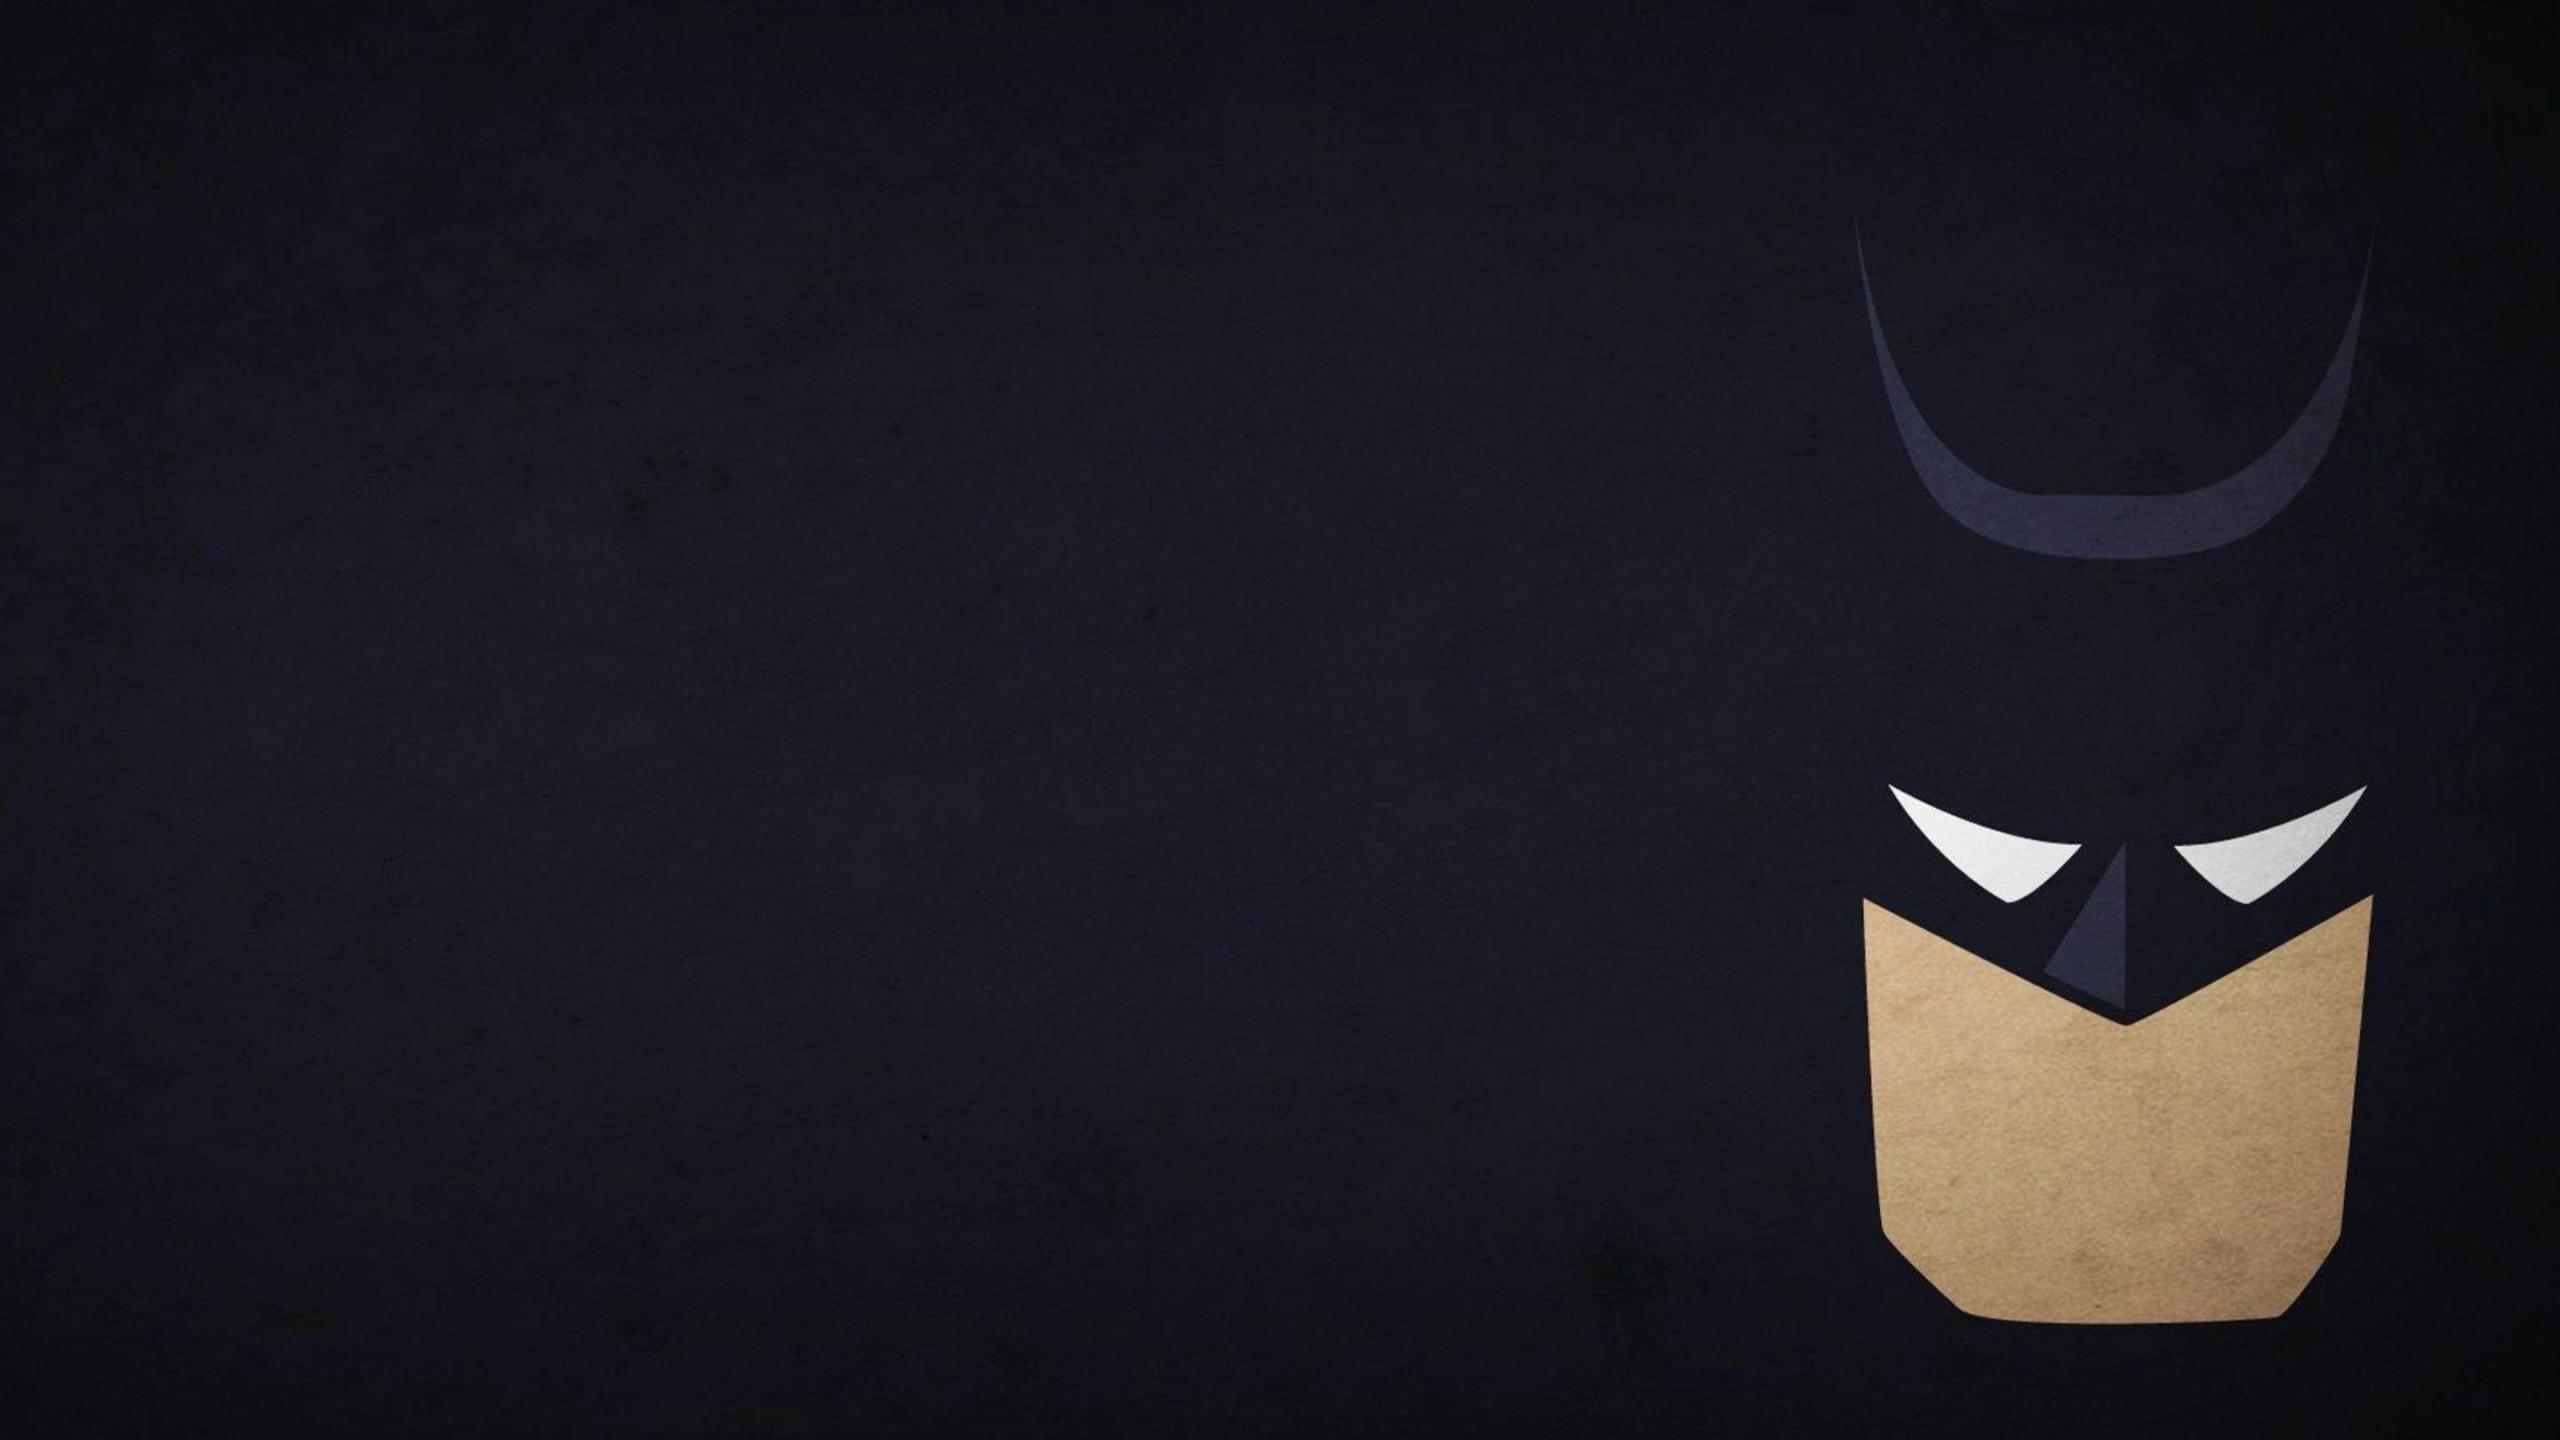 Batman Artwork HD wallpaper for 2560 x 1440 – HDwallpapers.net